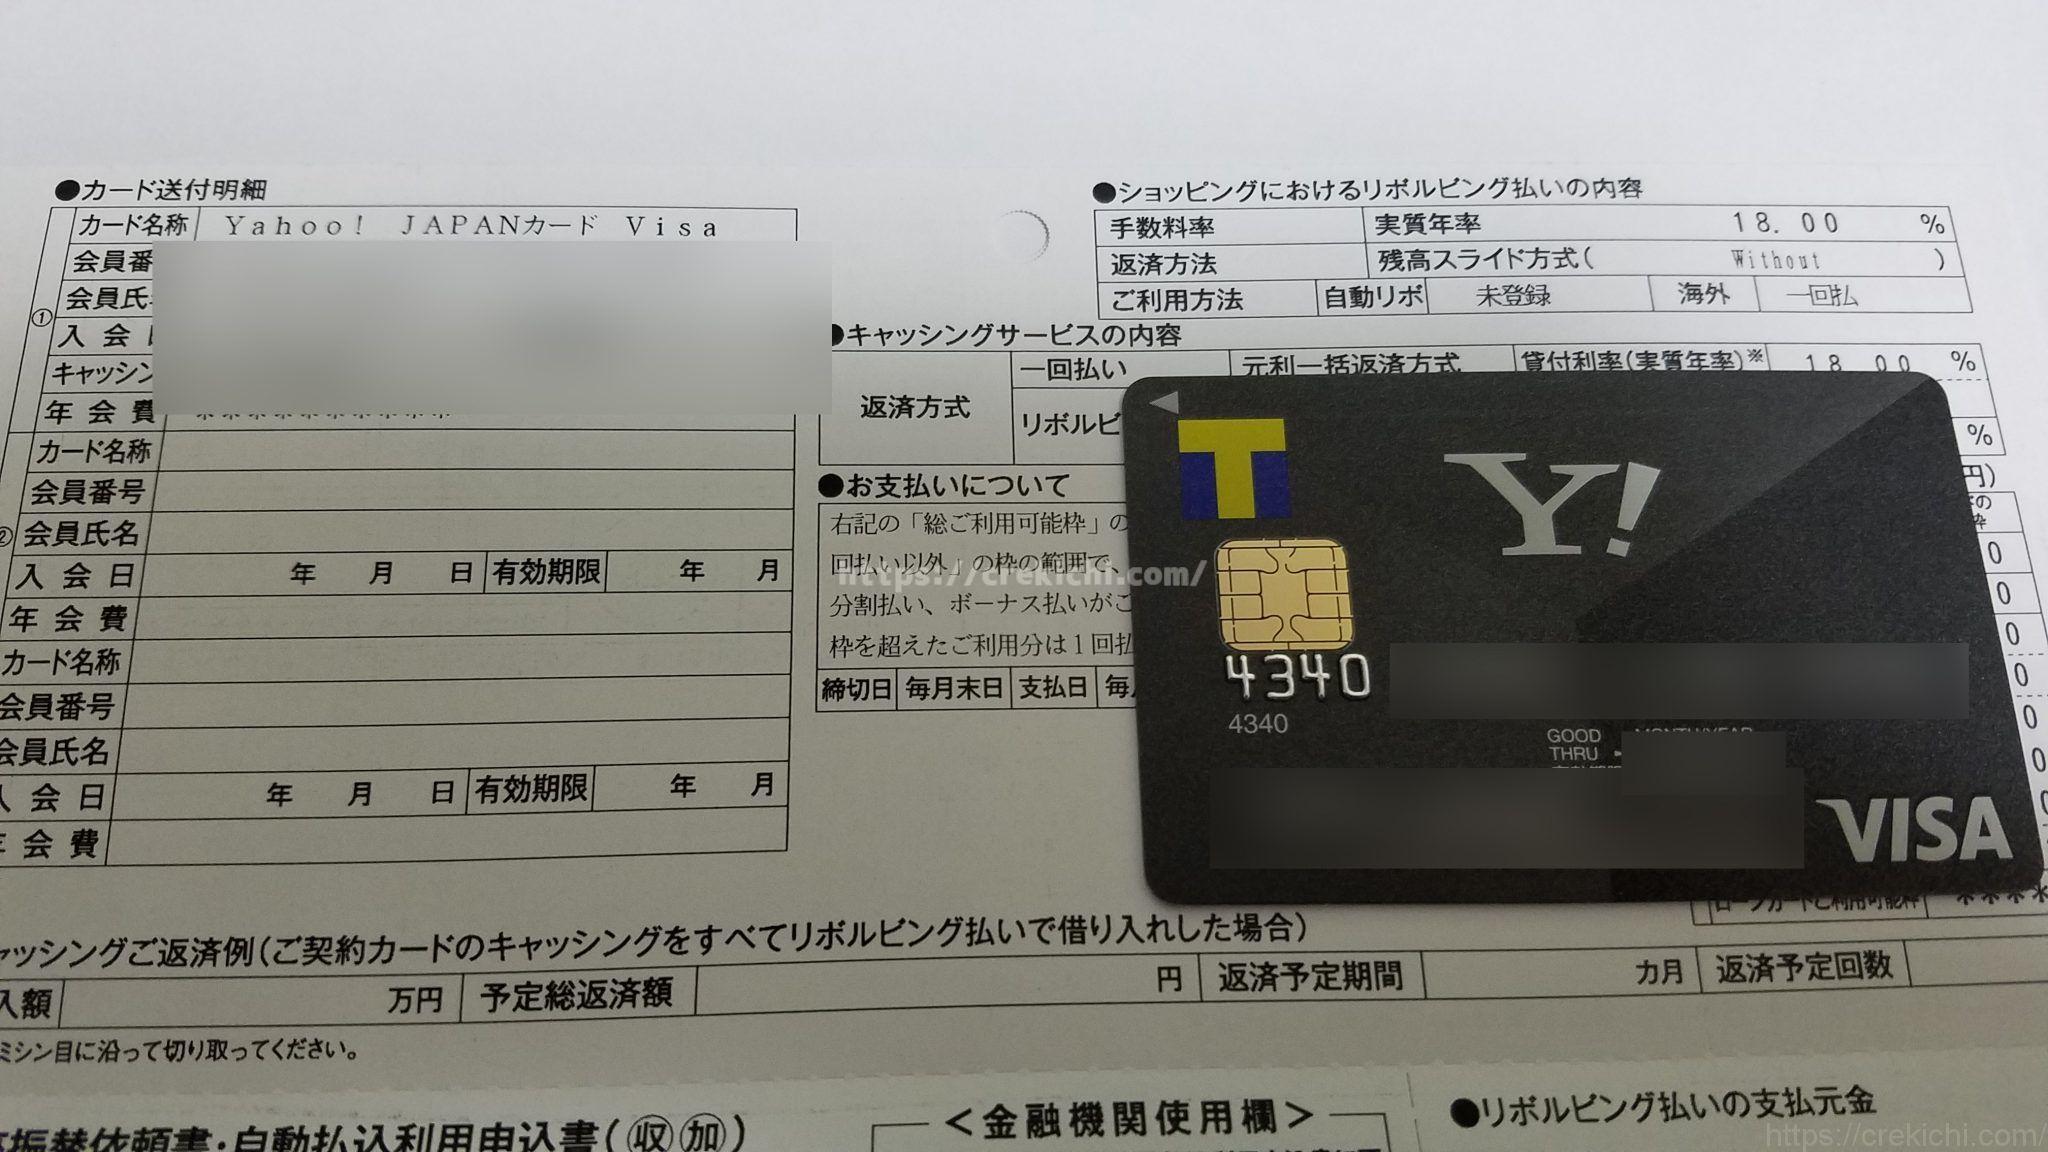 黒券面のYahoo Japanカード